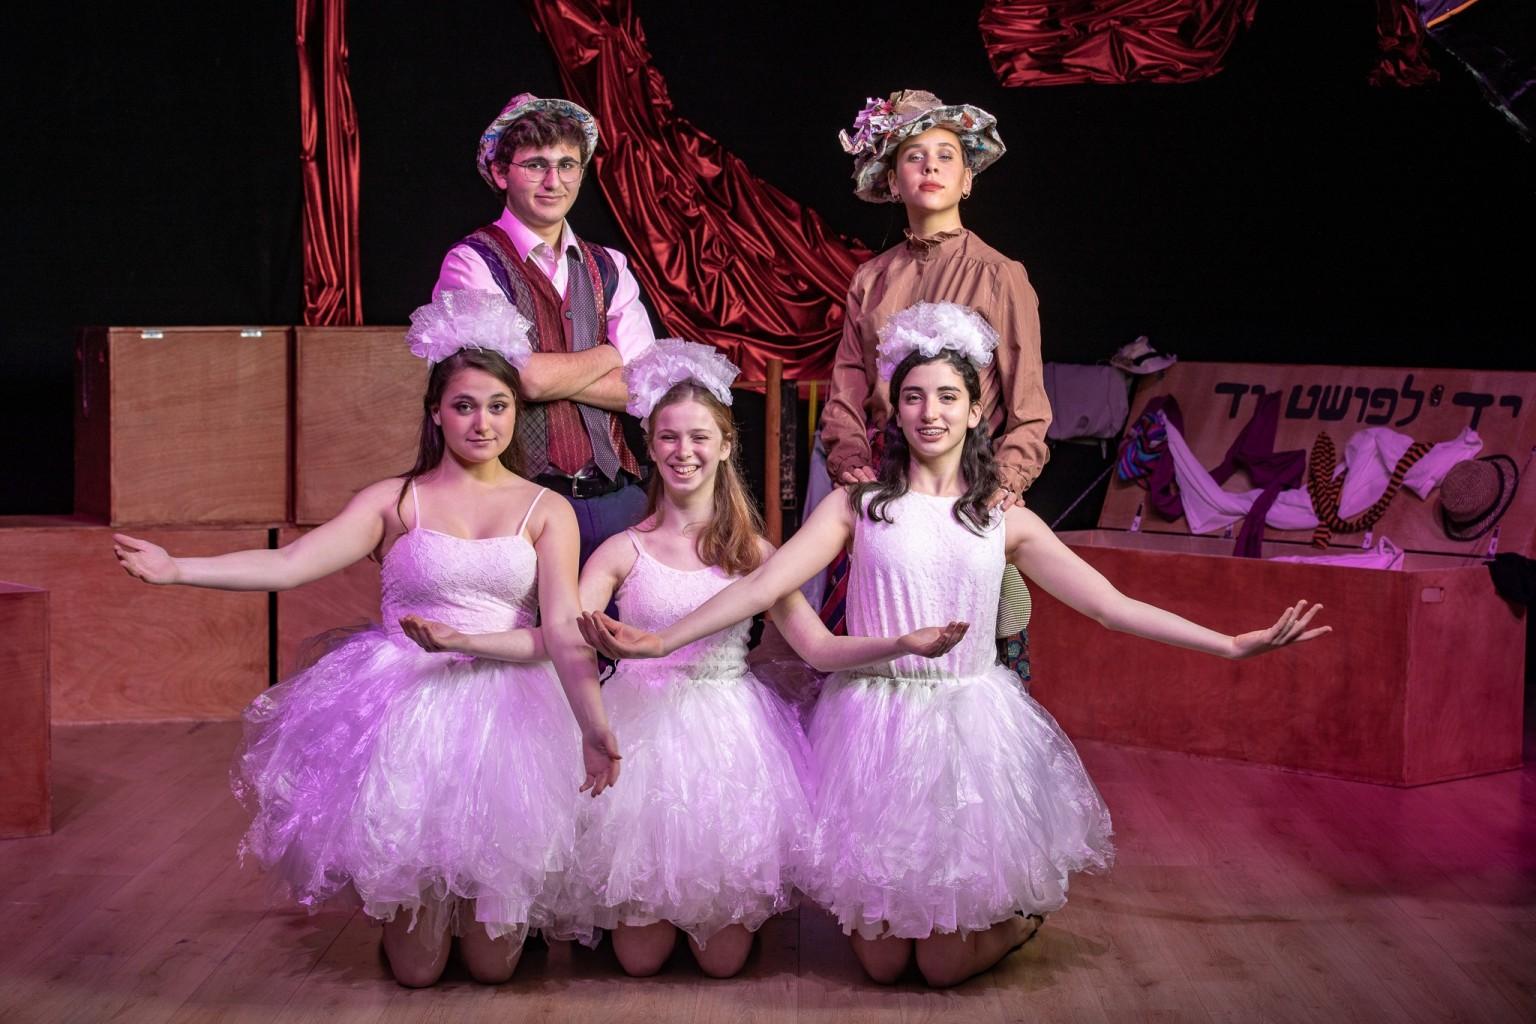 אופרה בגרוש - הצגת כיתה י' תיכון וולדורף הוד השרון